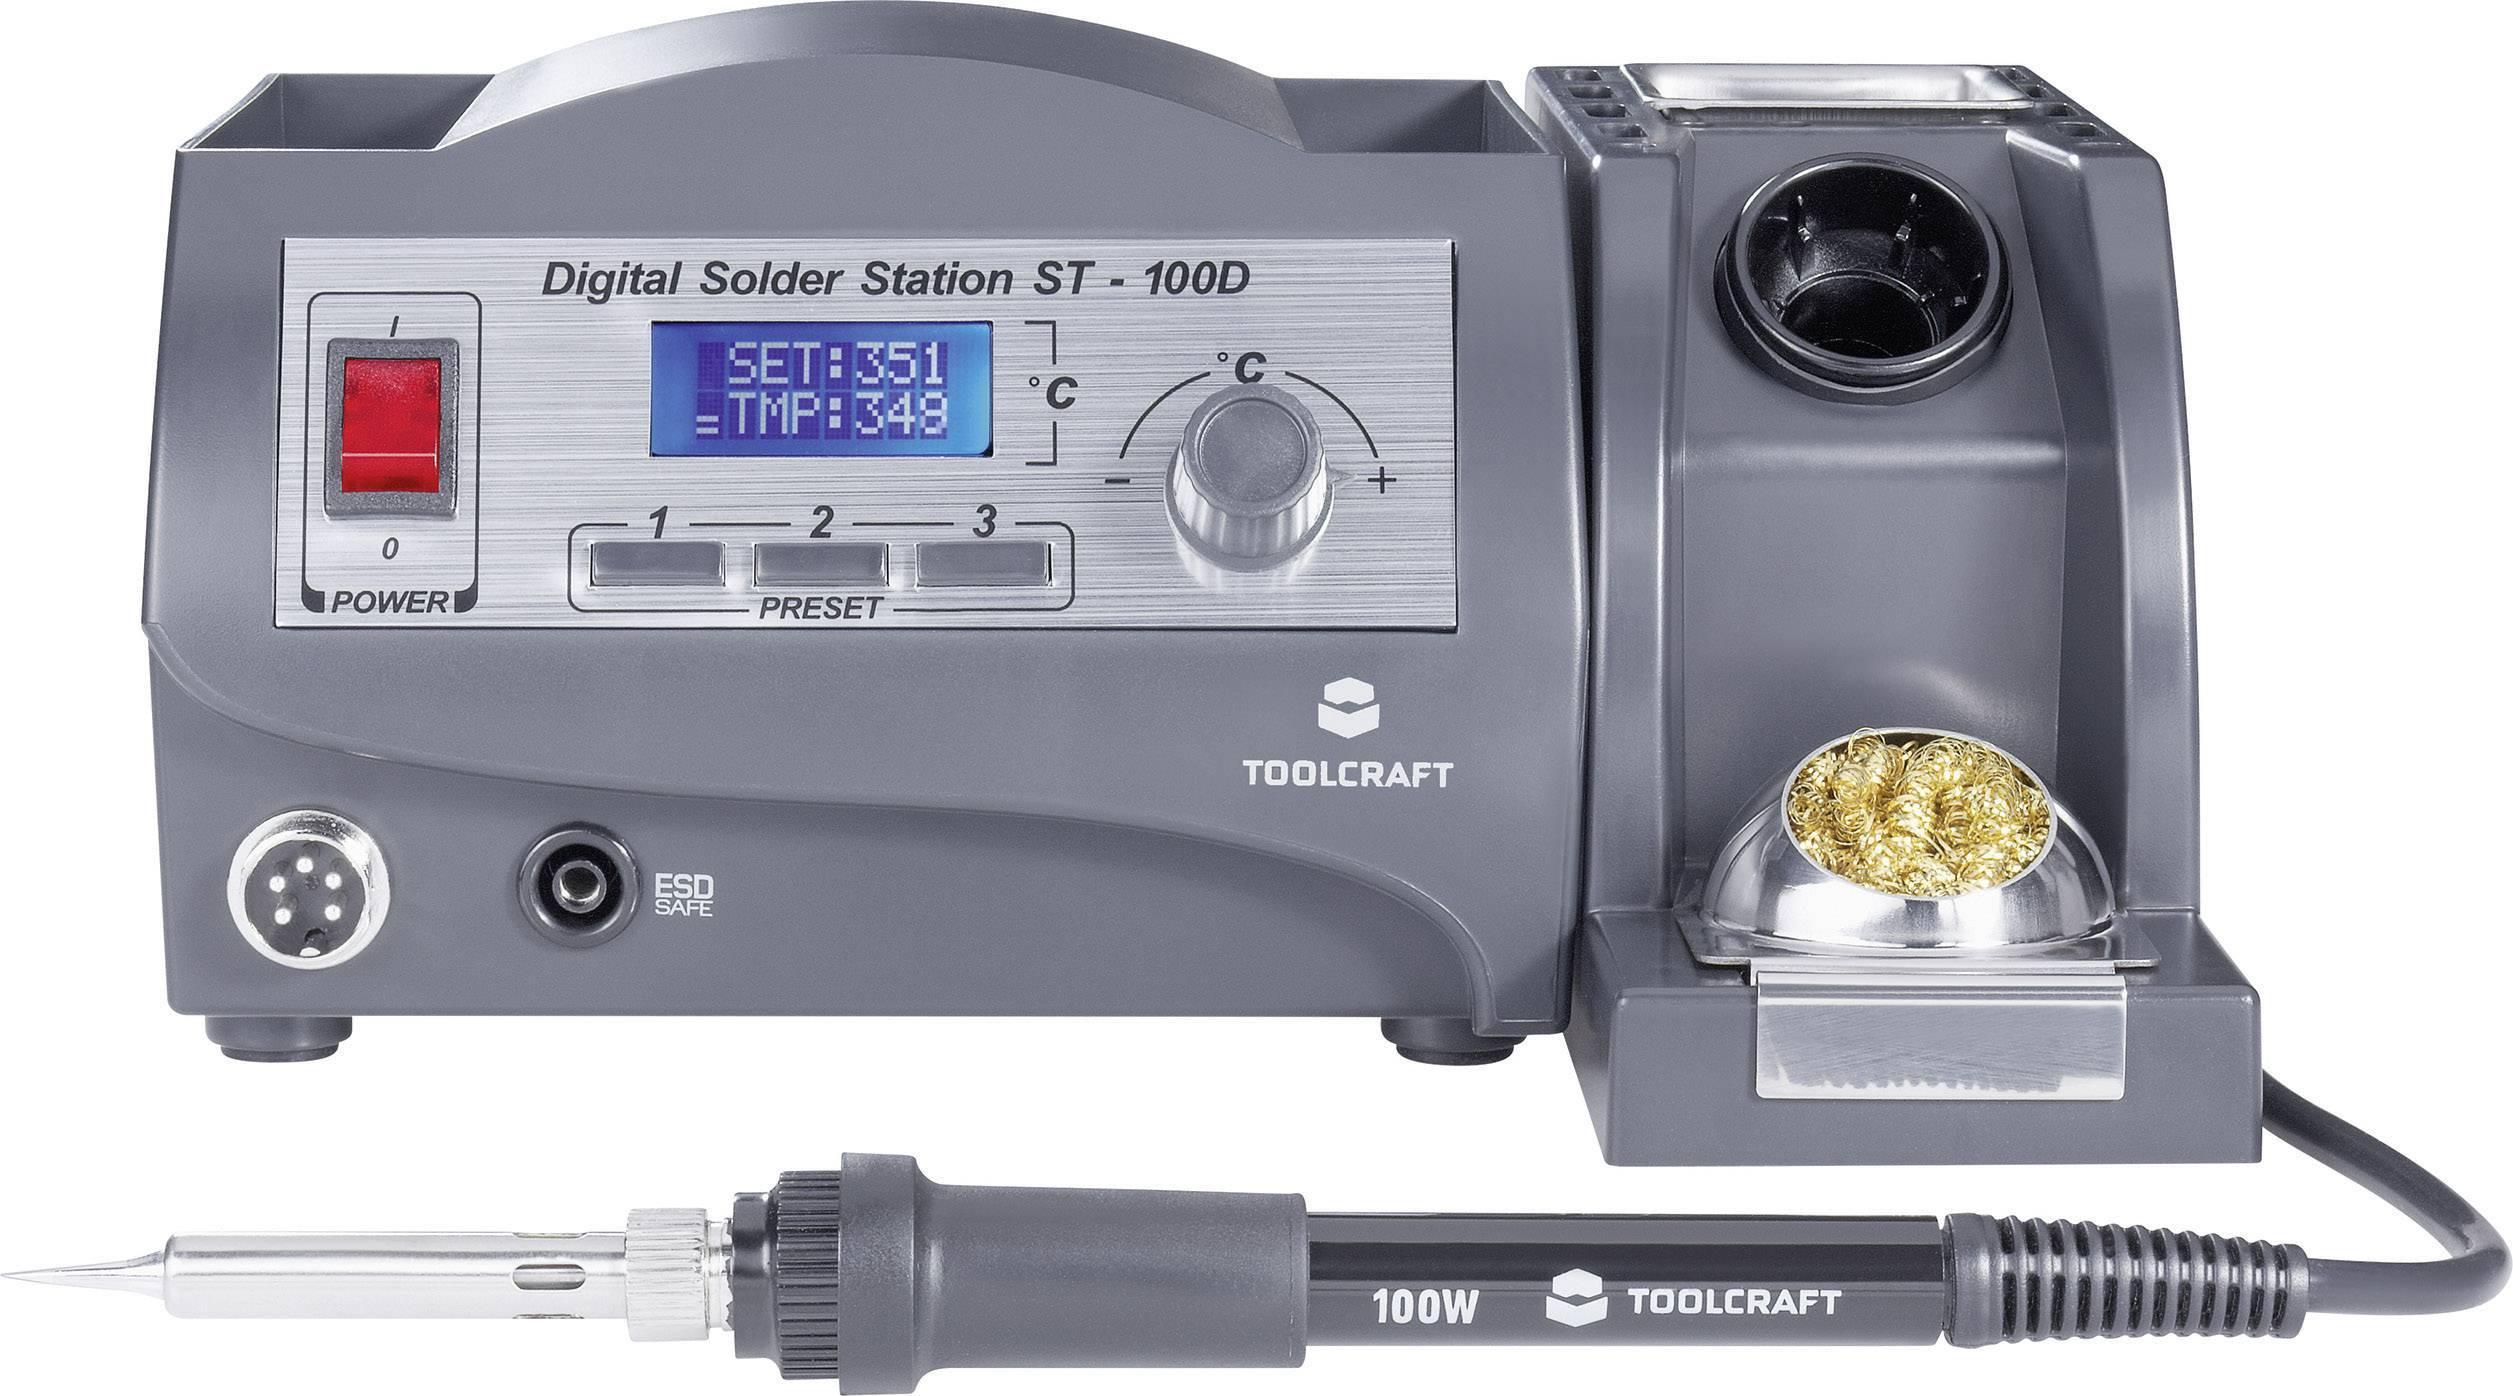 Spájkovacia stanica TOOLCRAFT 791789, digitálne/y, 100 W, +150 do +450 °C